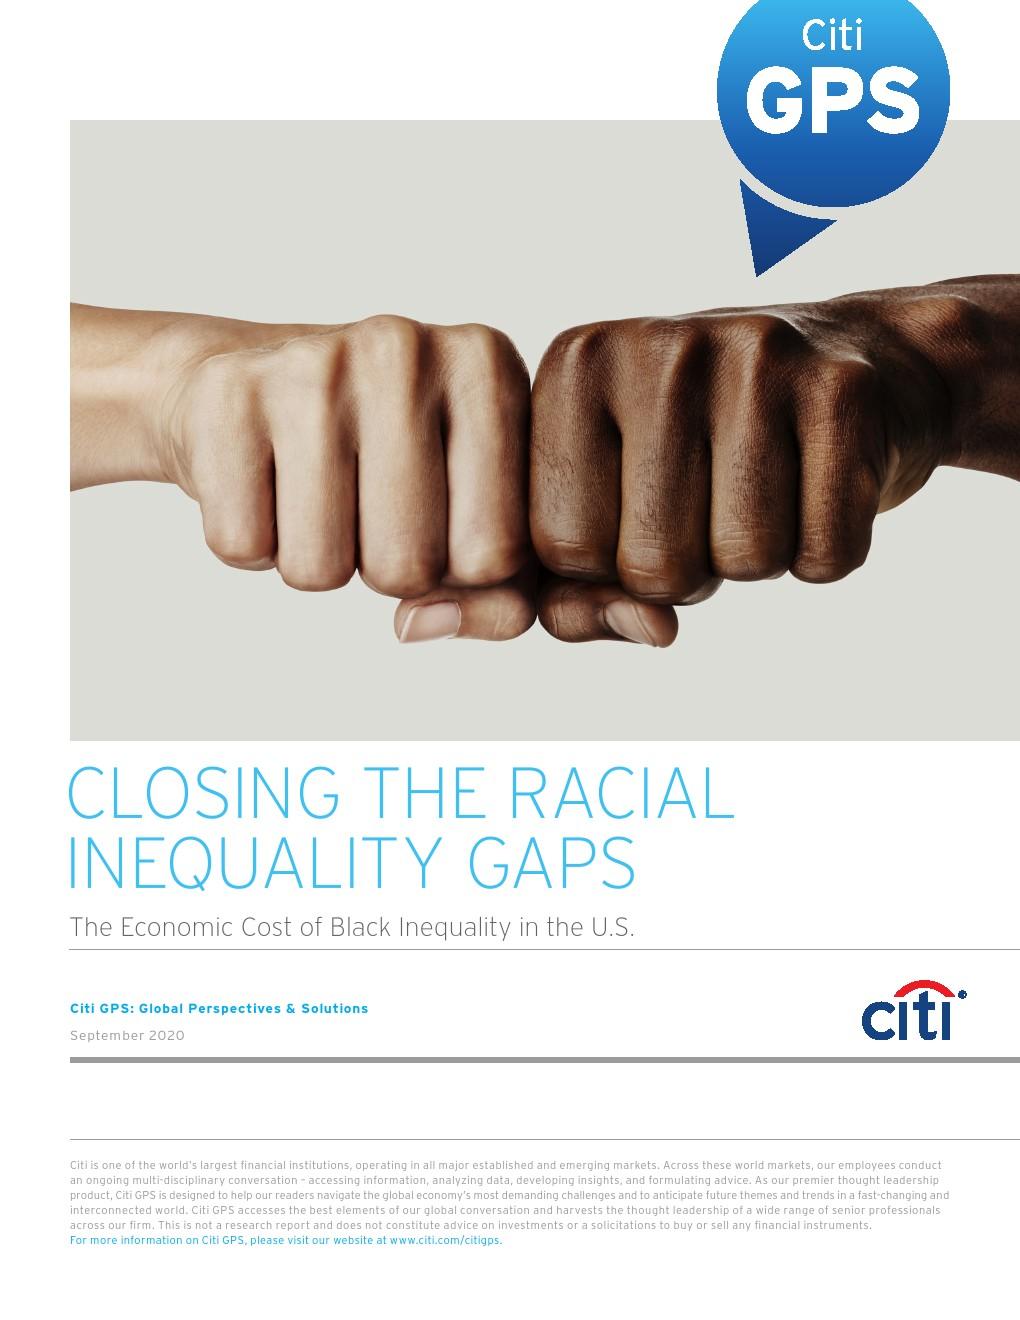 花旗银行报告:消除种族不平等差距